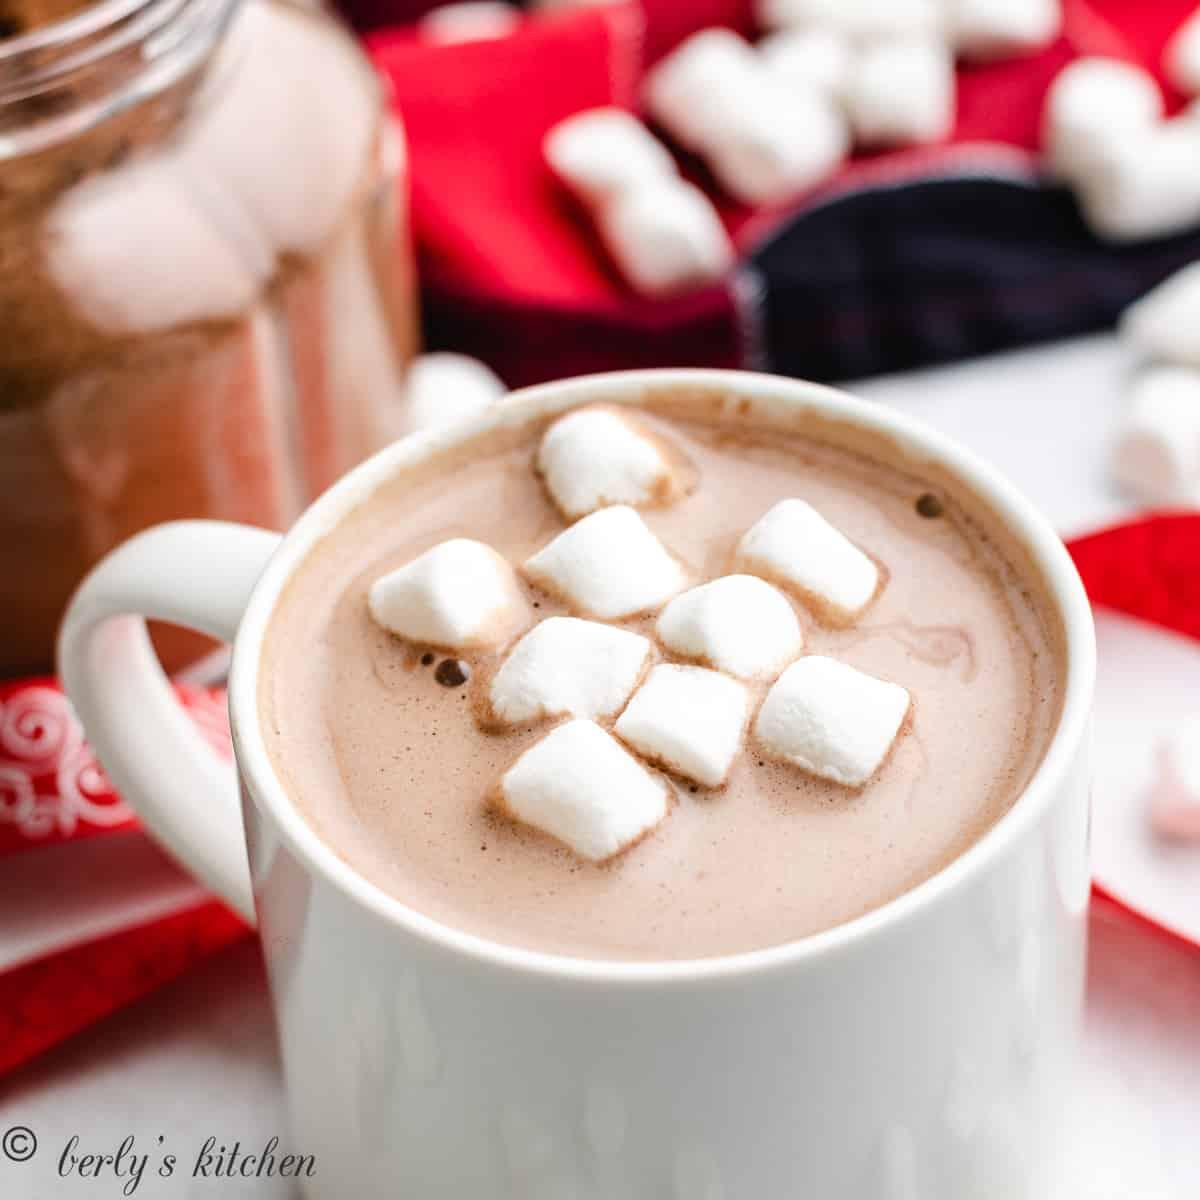 Mug of hot chocolate next to mix.